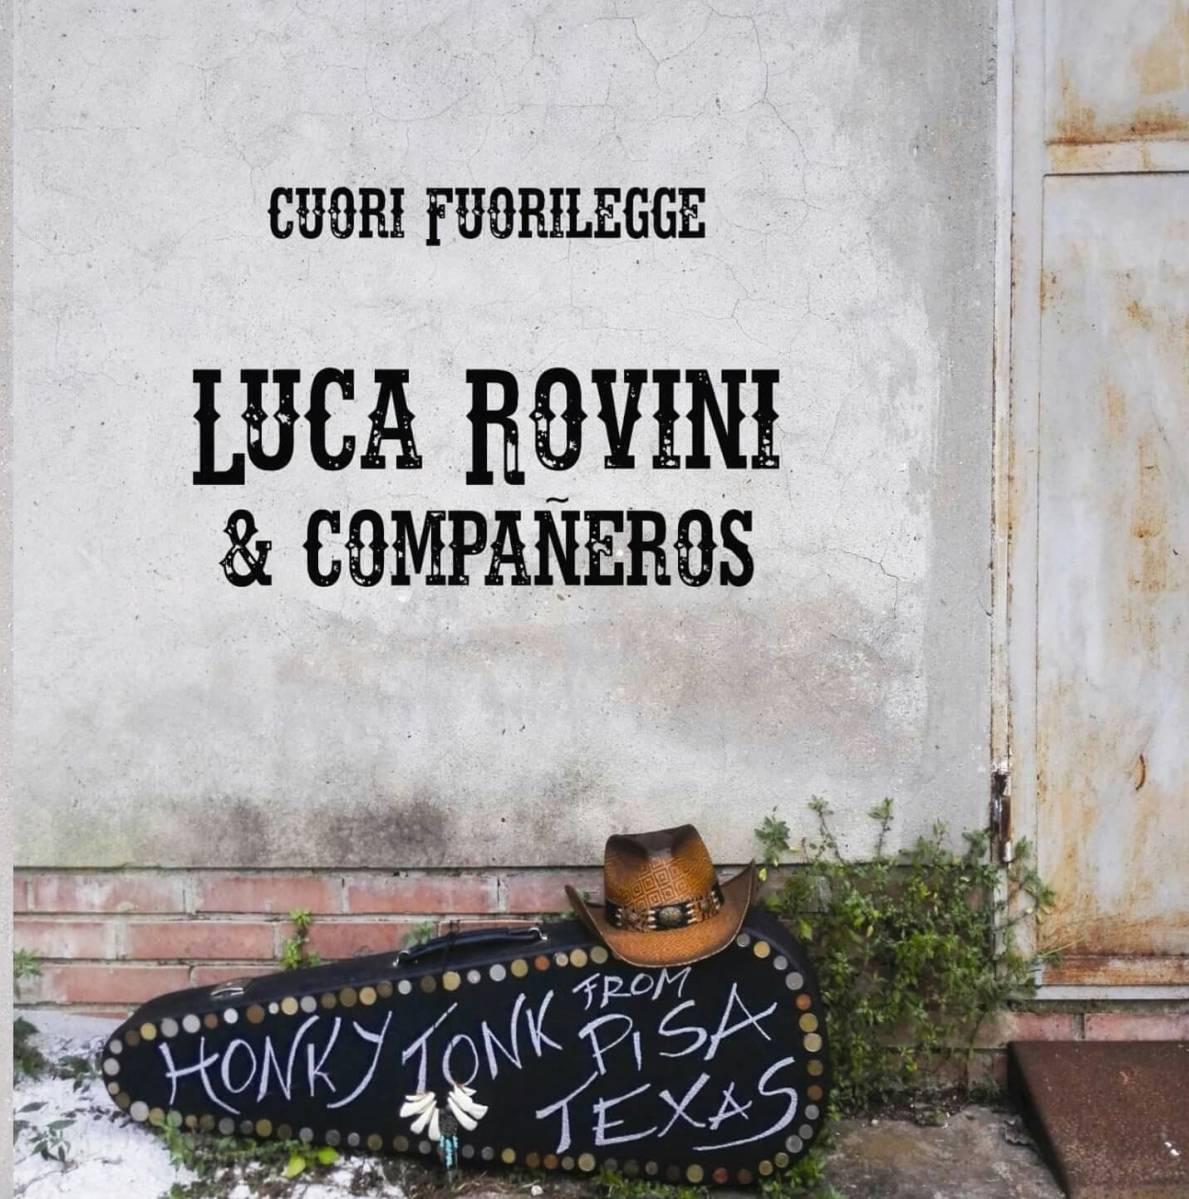 Luca Rovini & Compañeros - Cuori fuorilegge (Sosumi Records, 2018)